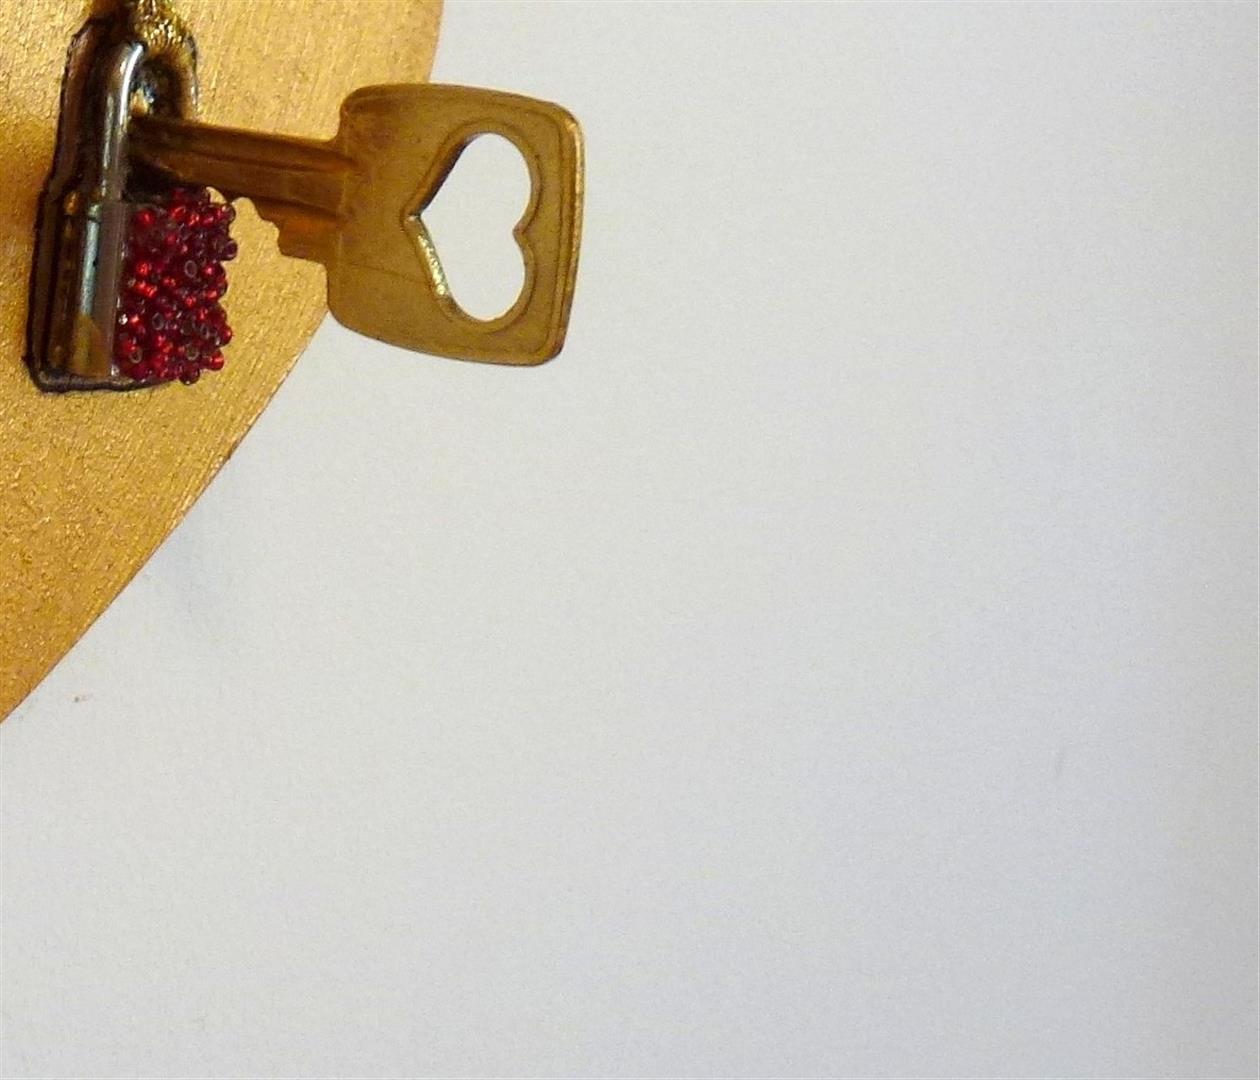 מפתח הלב יצירה לתערוכת אמנים מעצבים קשר